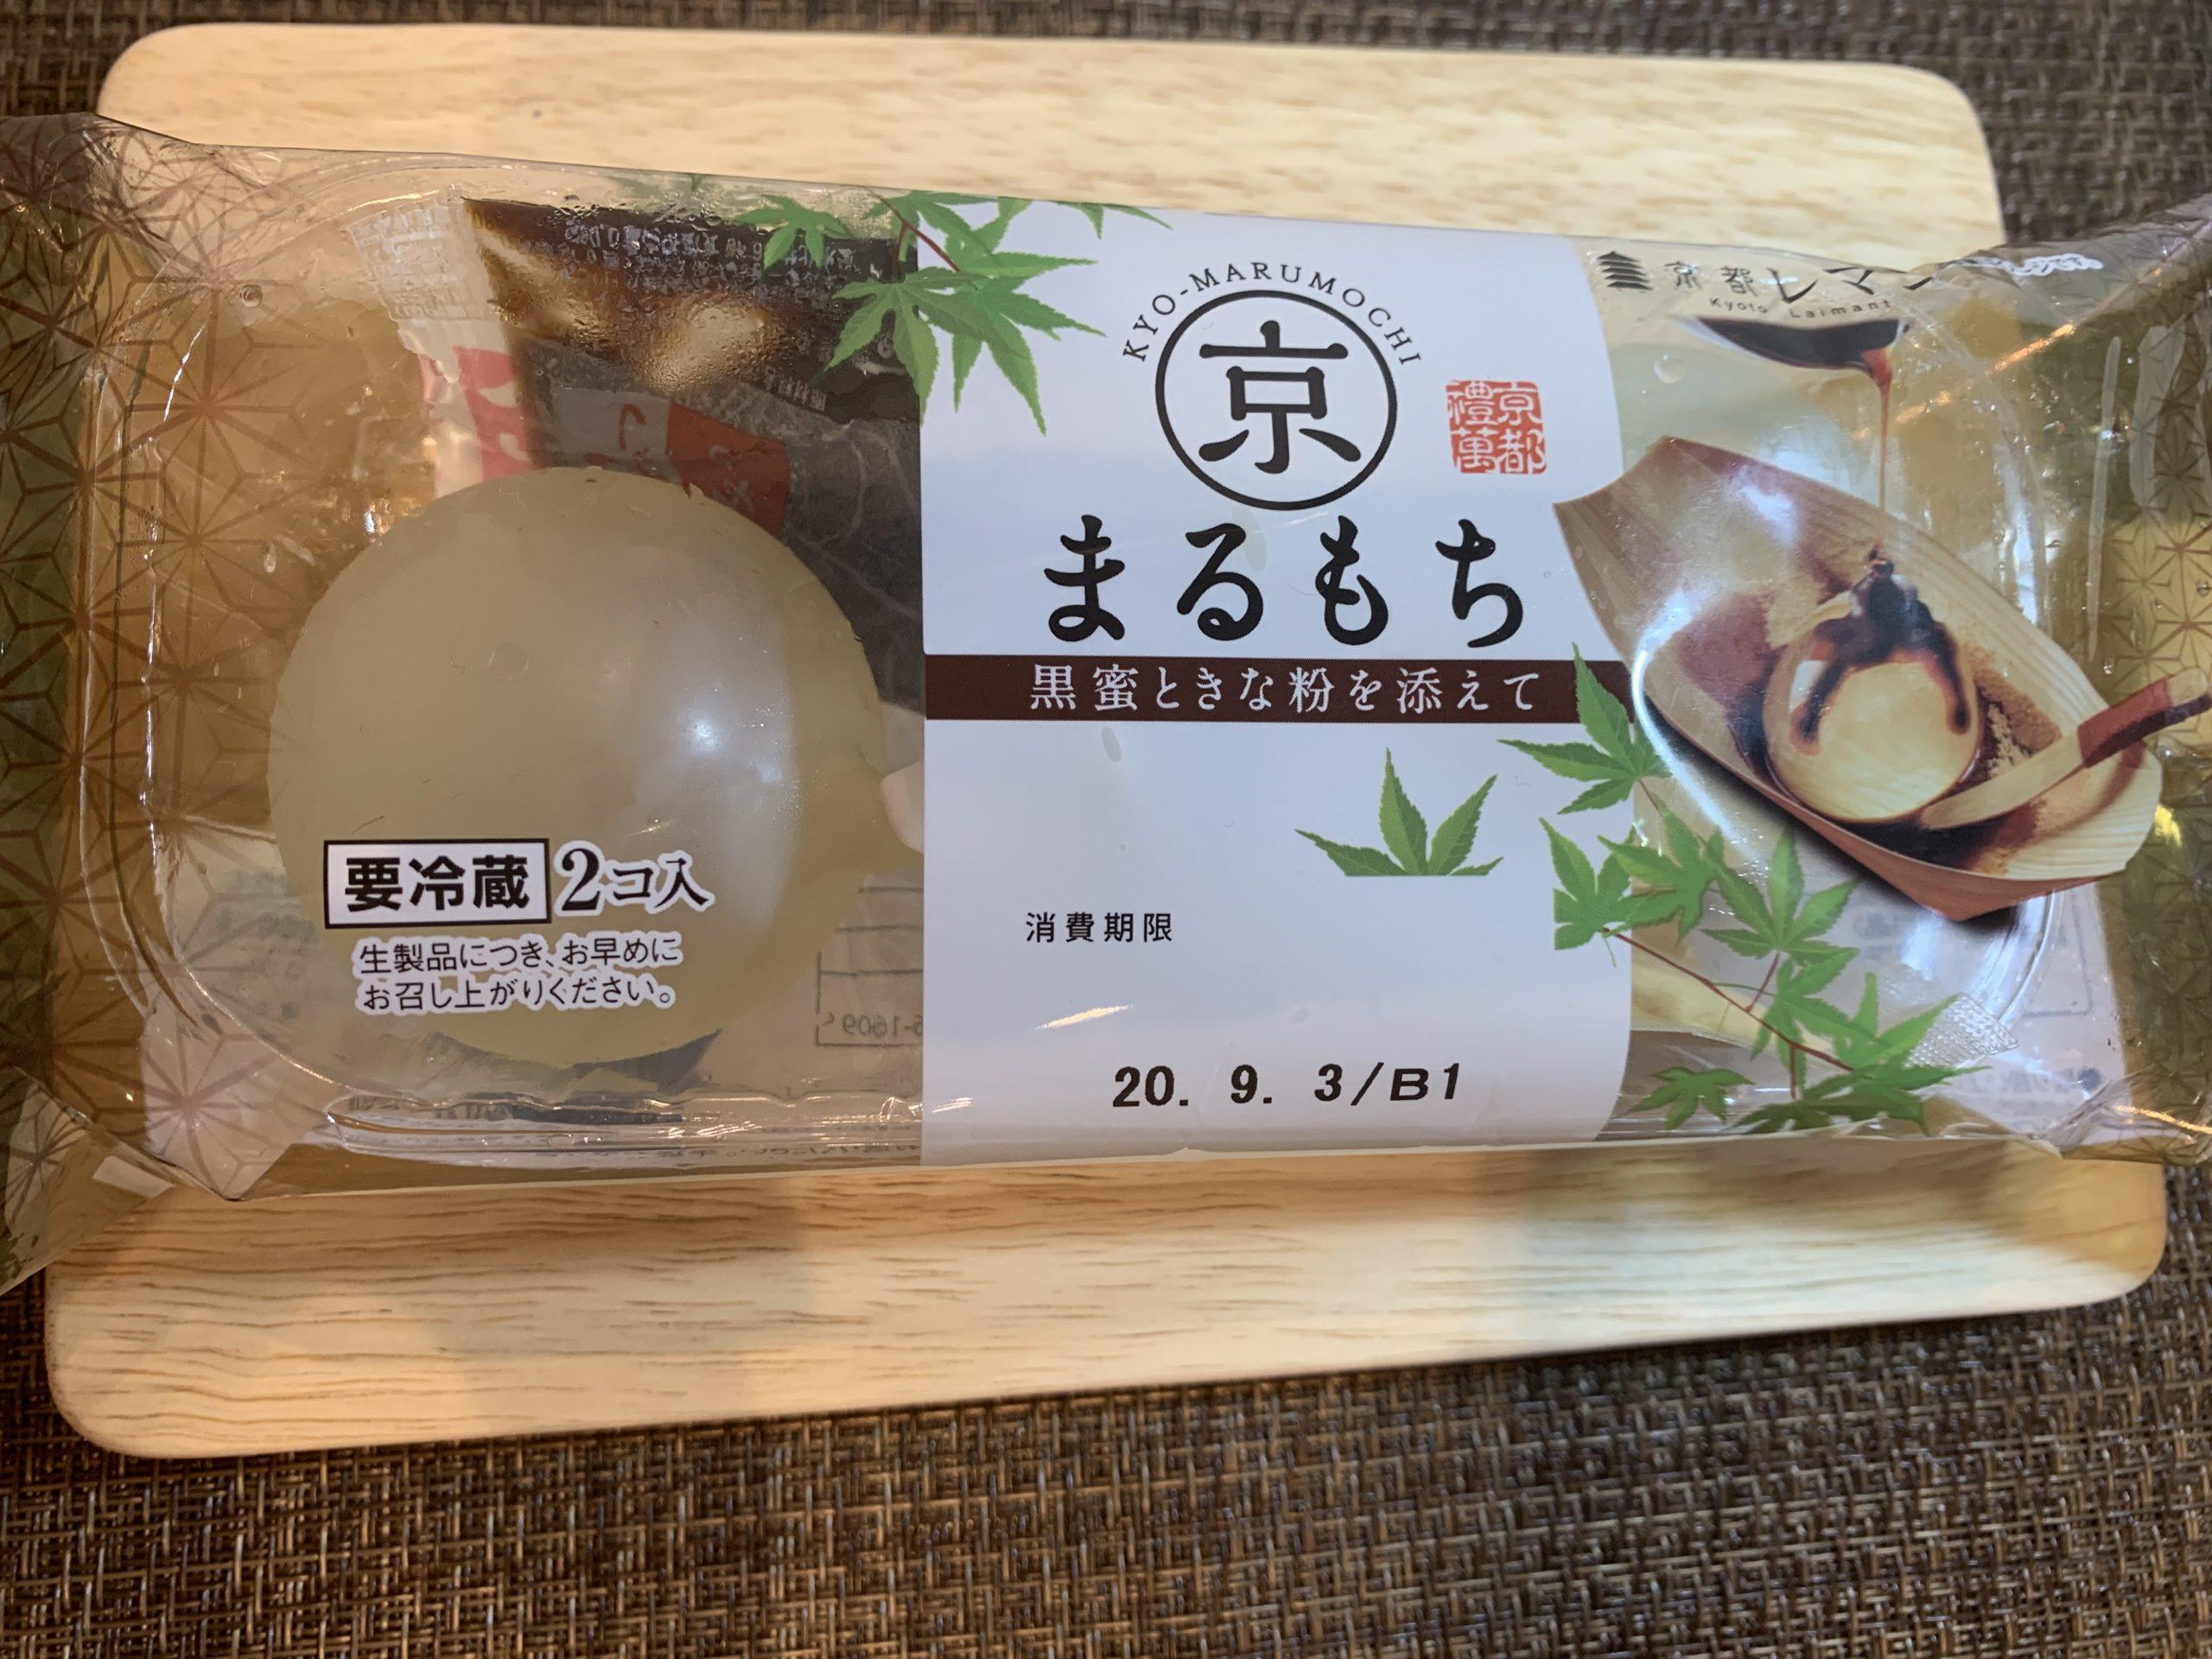 京まるもち黒蜜ときな粉を添えてを食べてみた、美味しかったのか実食レビュー